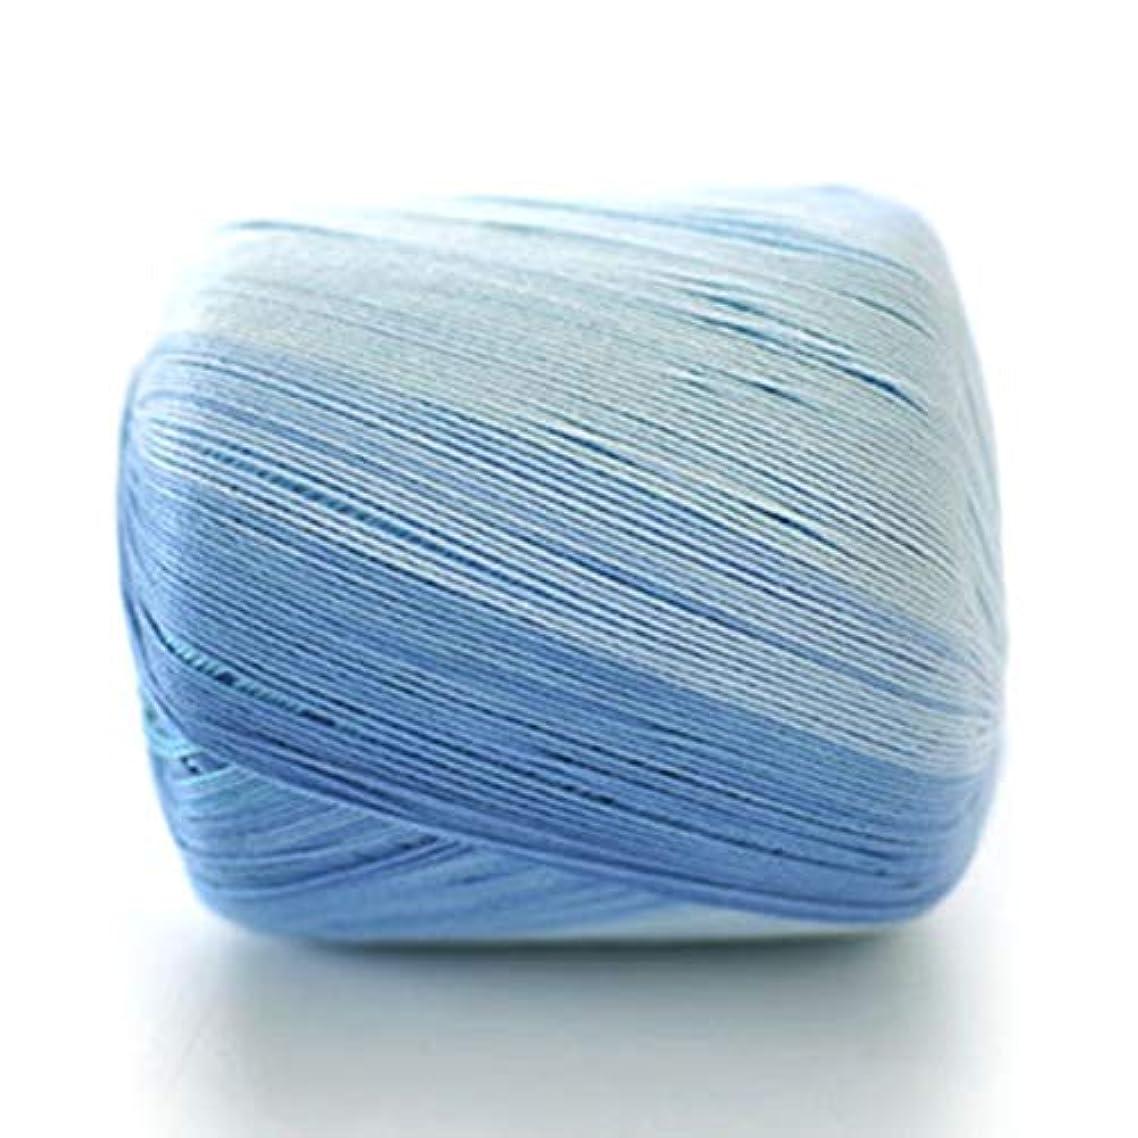 増強する徒歩でとんでもないSaikogoods 手作りかぎ針編みのフック糸 色付け レース糸 5号ピュアコットン ファインニットウール ソフト滑らかな 縫製ライン 青